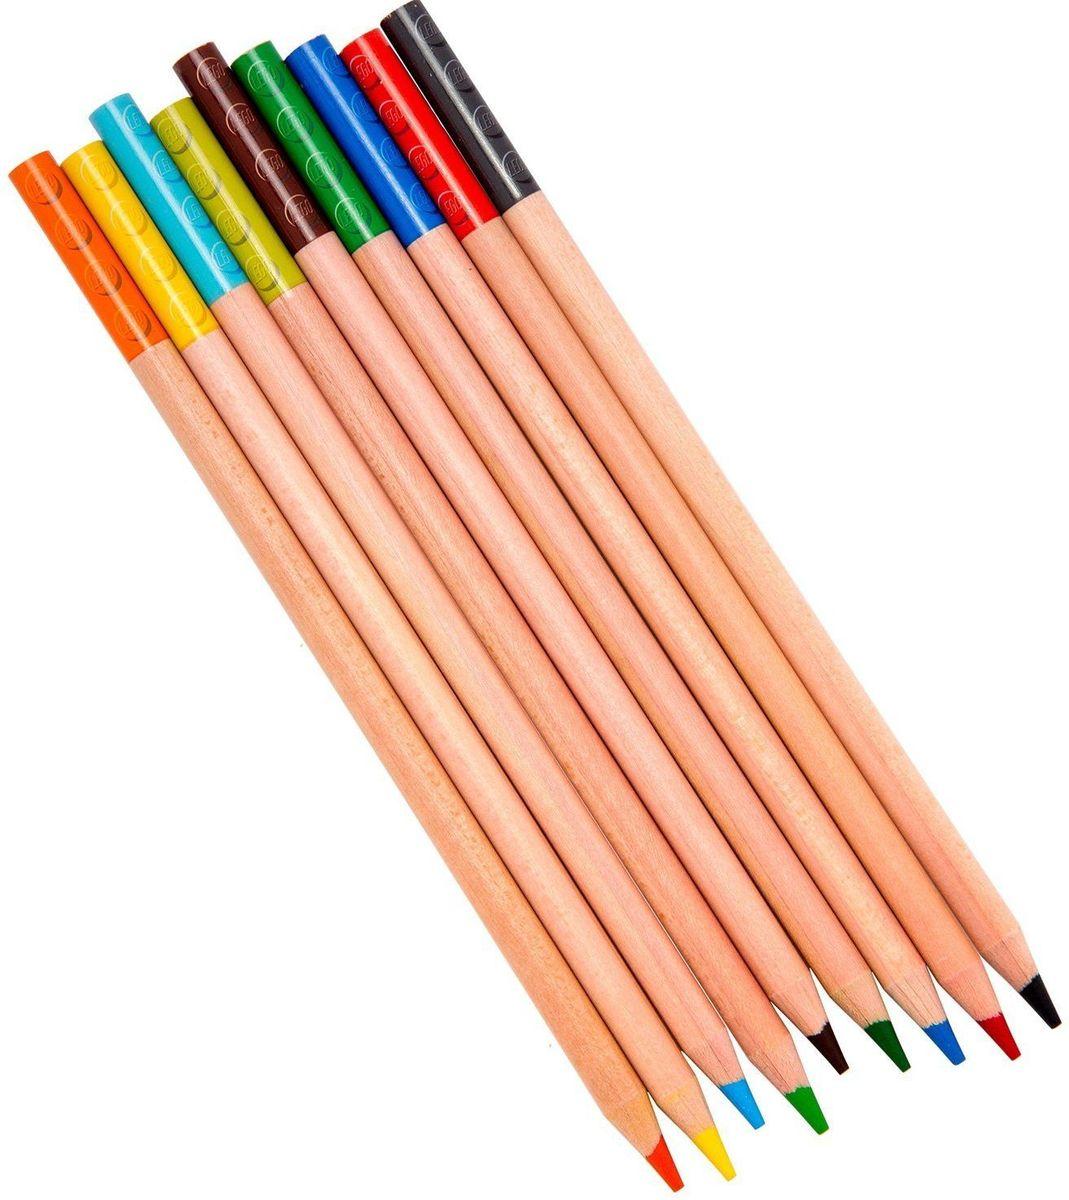 LEGO Набор цветных карандашей с насадками 9 шт 5151551515Набор состоит из девяти цветных карандашей с твердо-мягким грифелем и двух насадок (топперов) в форме кирпичика LEGO.